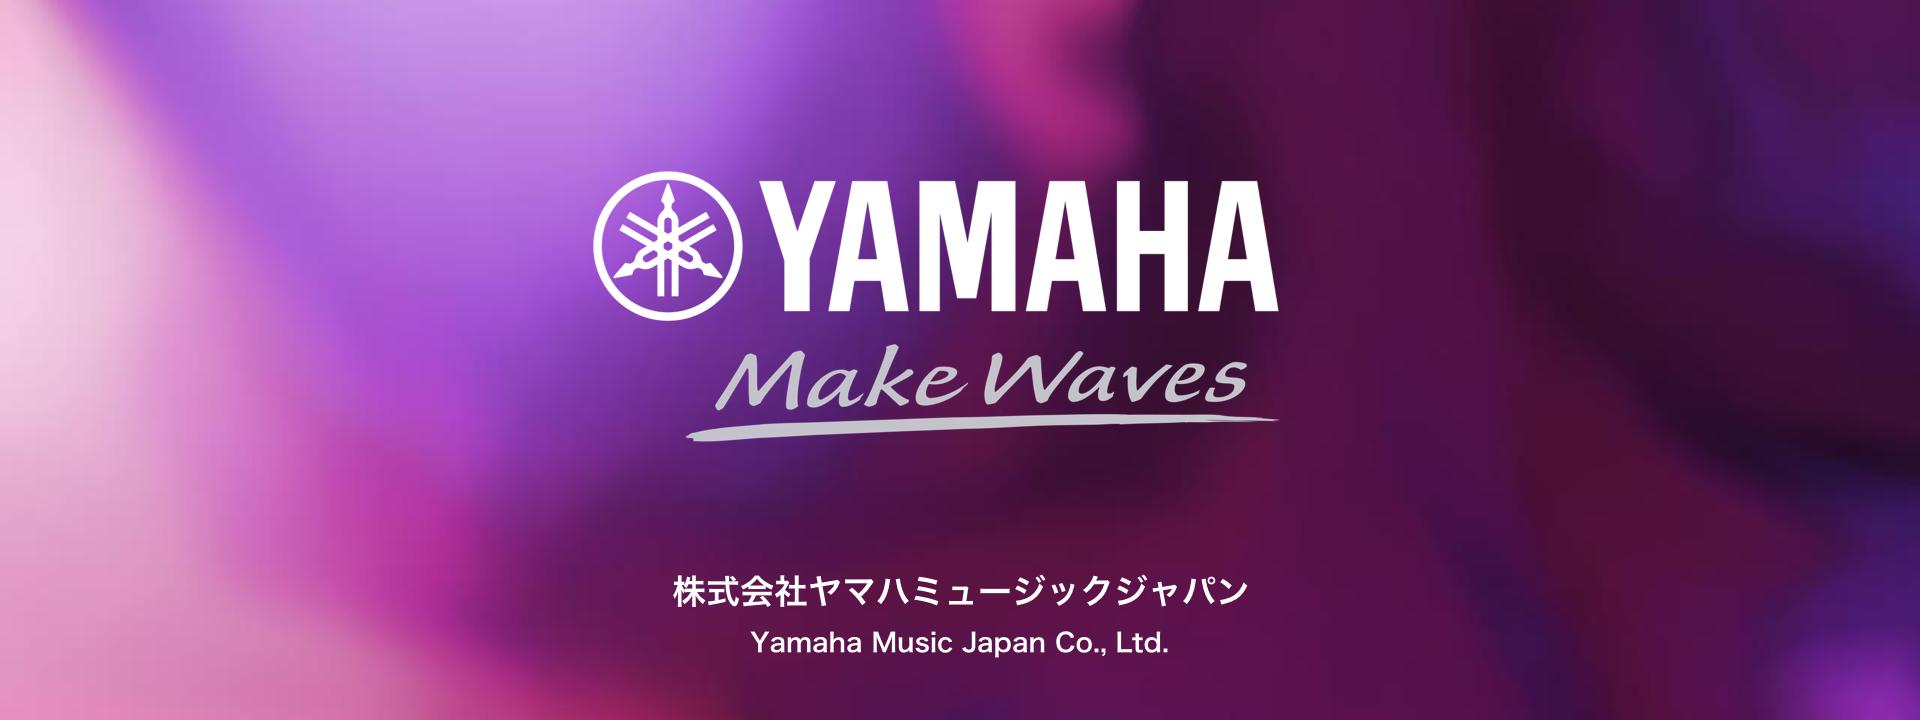 ヤマハミュージックジャパン特設ページ